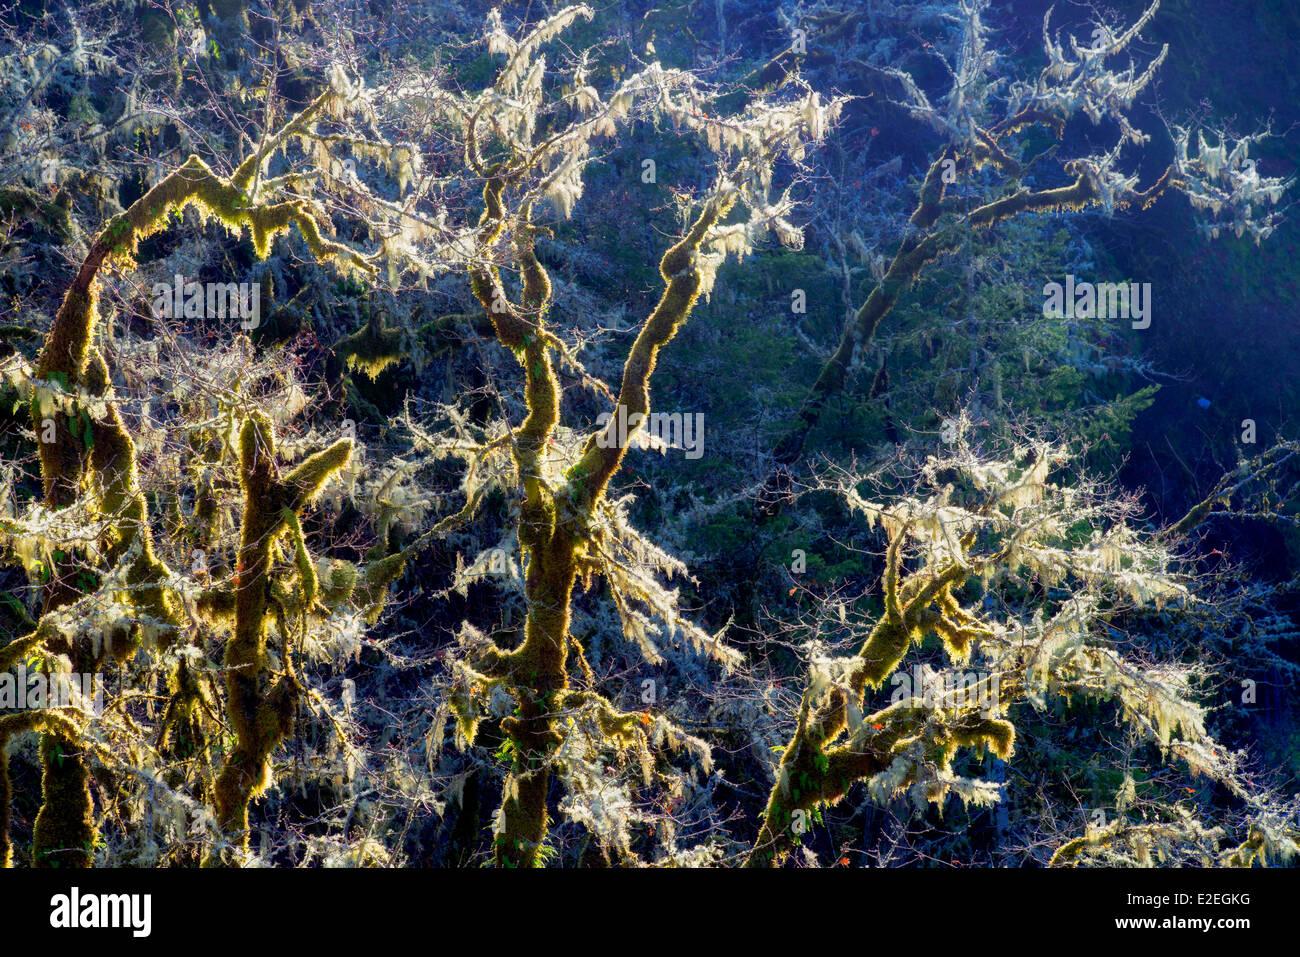 Backlit moss on oak trees. Eagle Creek, Oregon - Stock Image